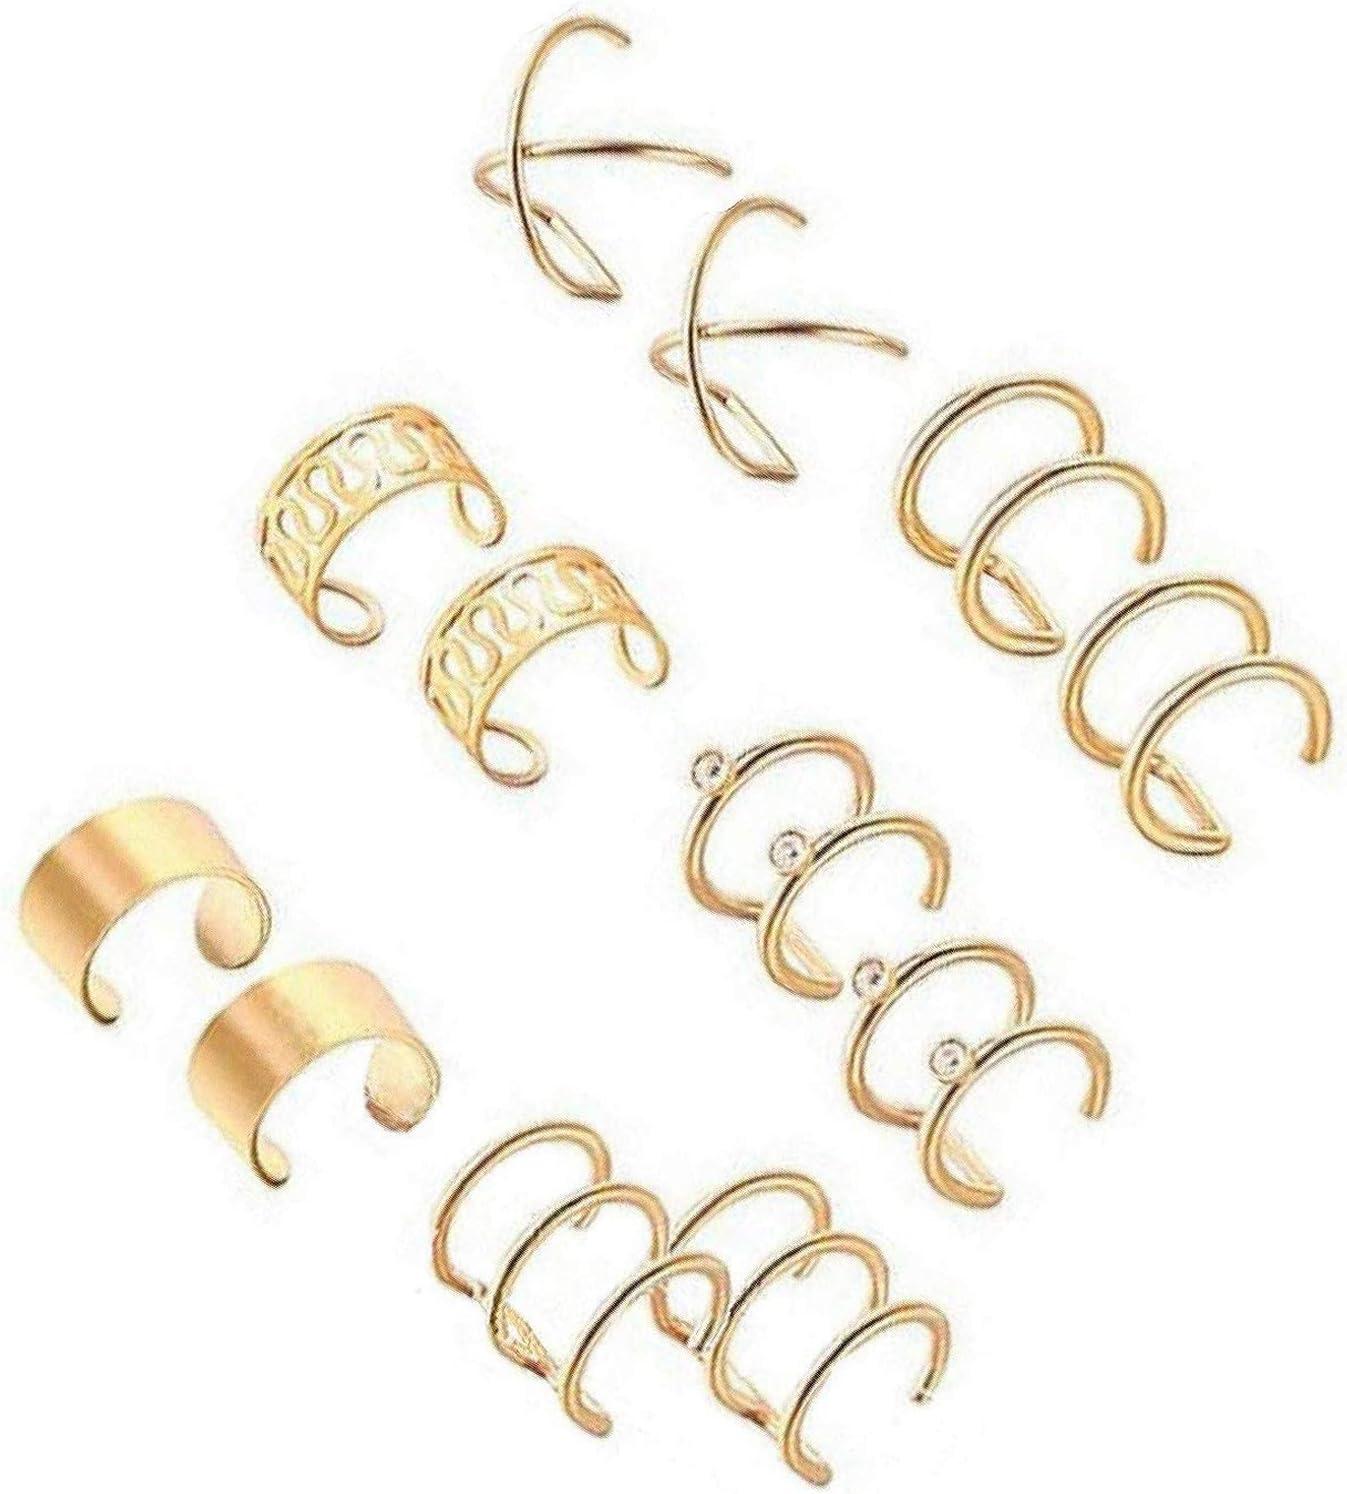 LEEQ 6 Pares de Clips de Oreja de Acero Inoxidable Pendientes no perforantes Aro Puños de Oreja Set de Clips de Oreja de cartílago para Hombres, 6 Estilos Diferentes